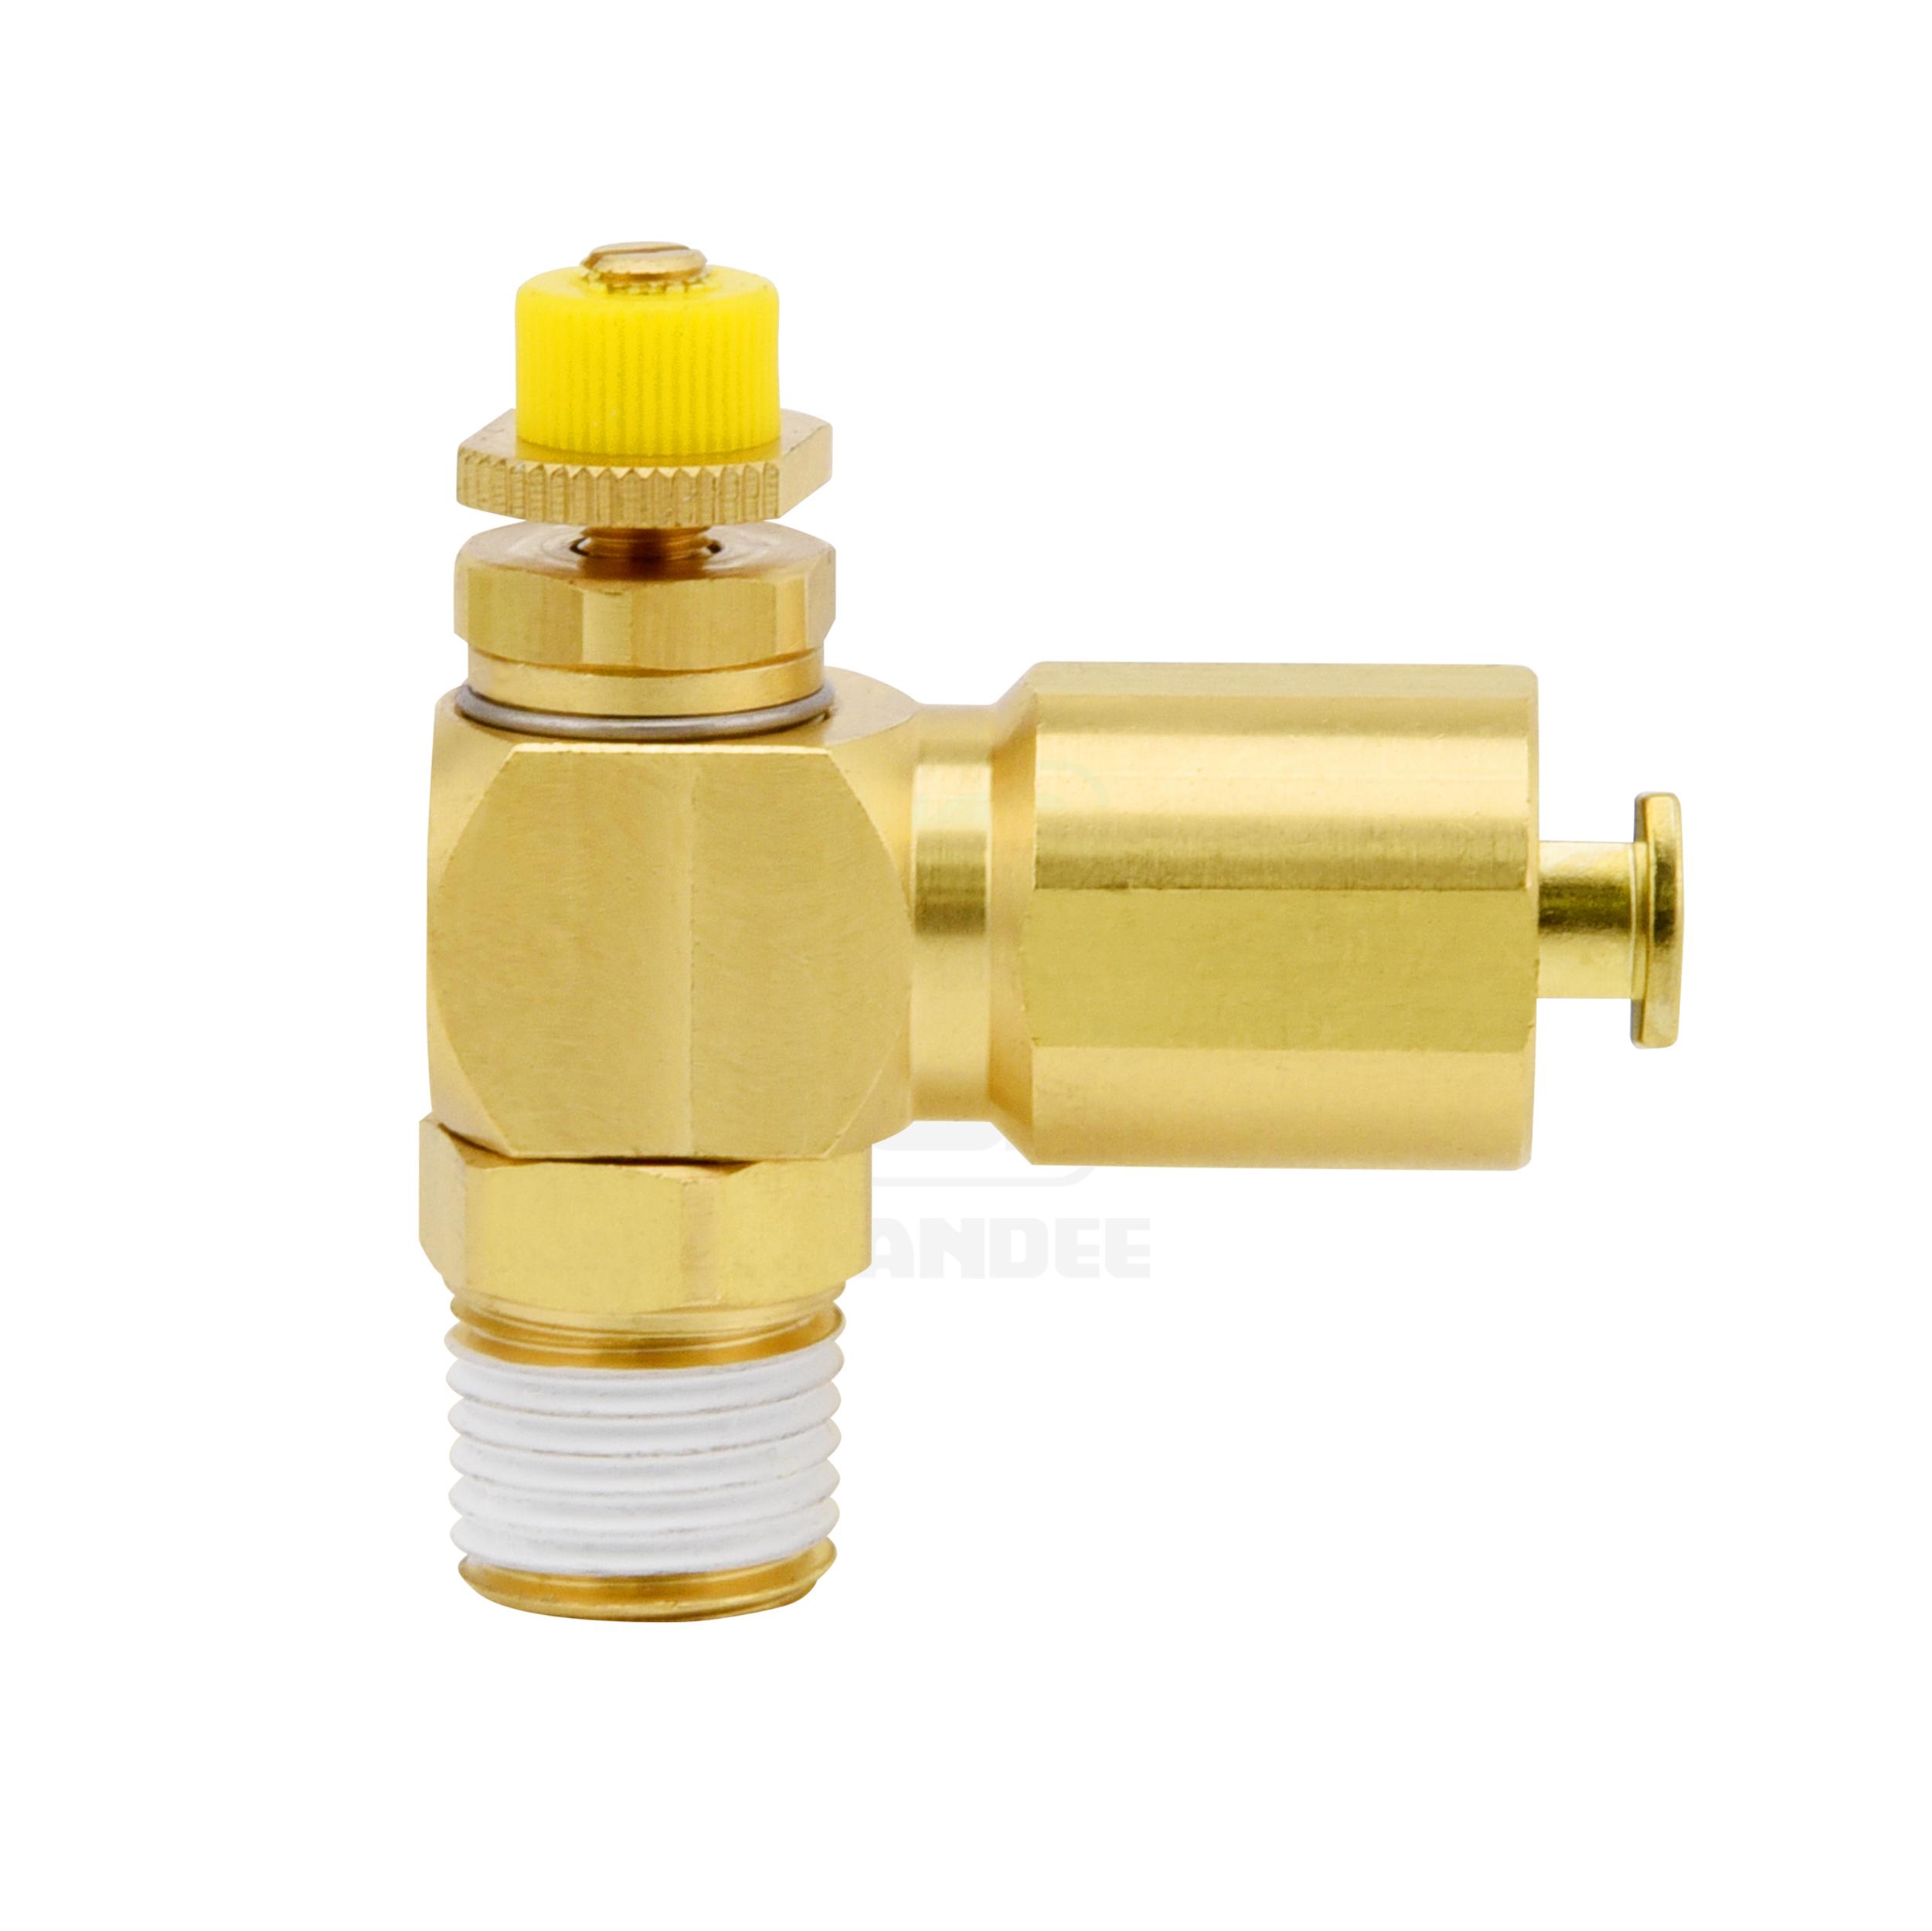 ข้อต่อฟิตติ้งปรับความเร็วลมทองเหลือง (Spring lock) Touch connector